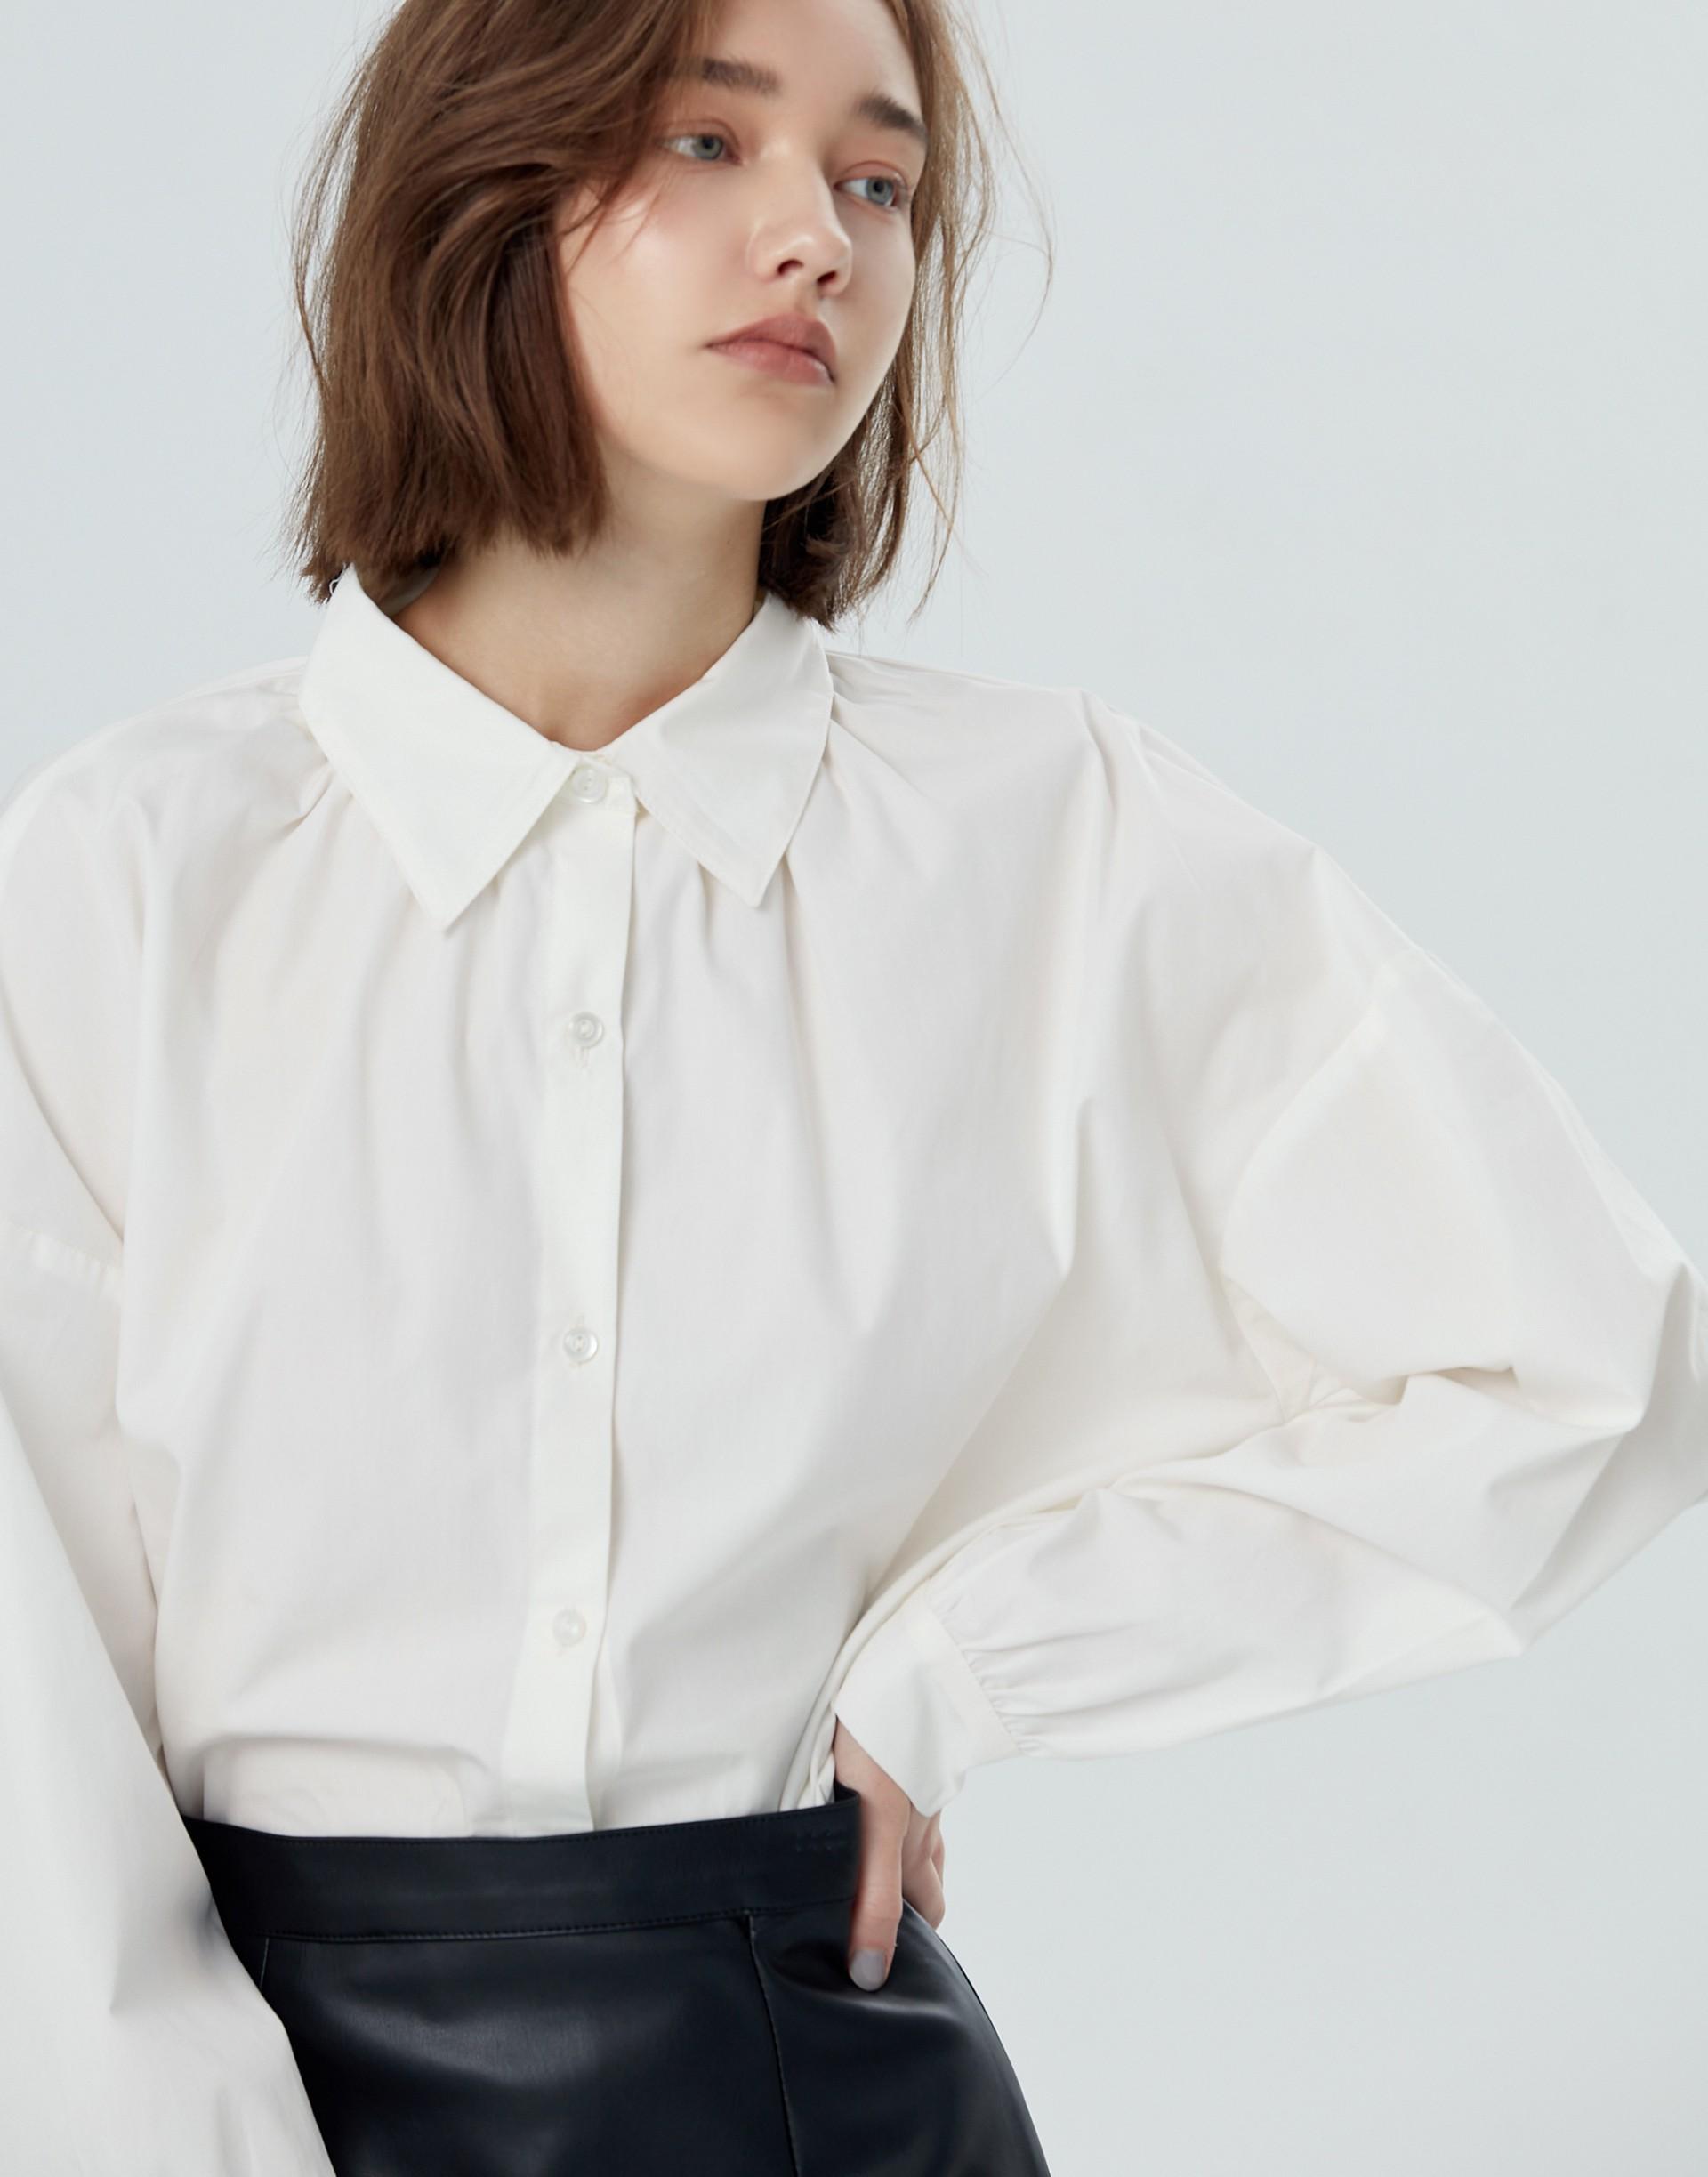 領抓皺簡約澎袖襯衫-女-Genquo